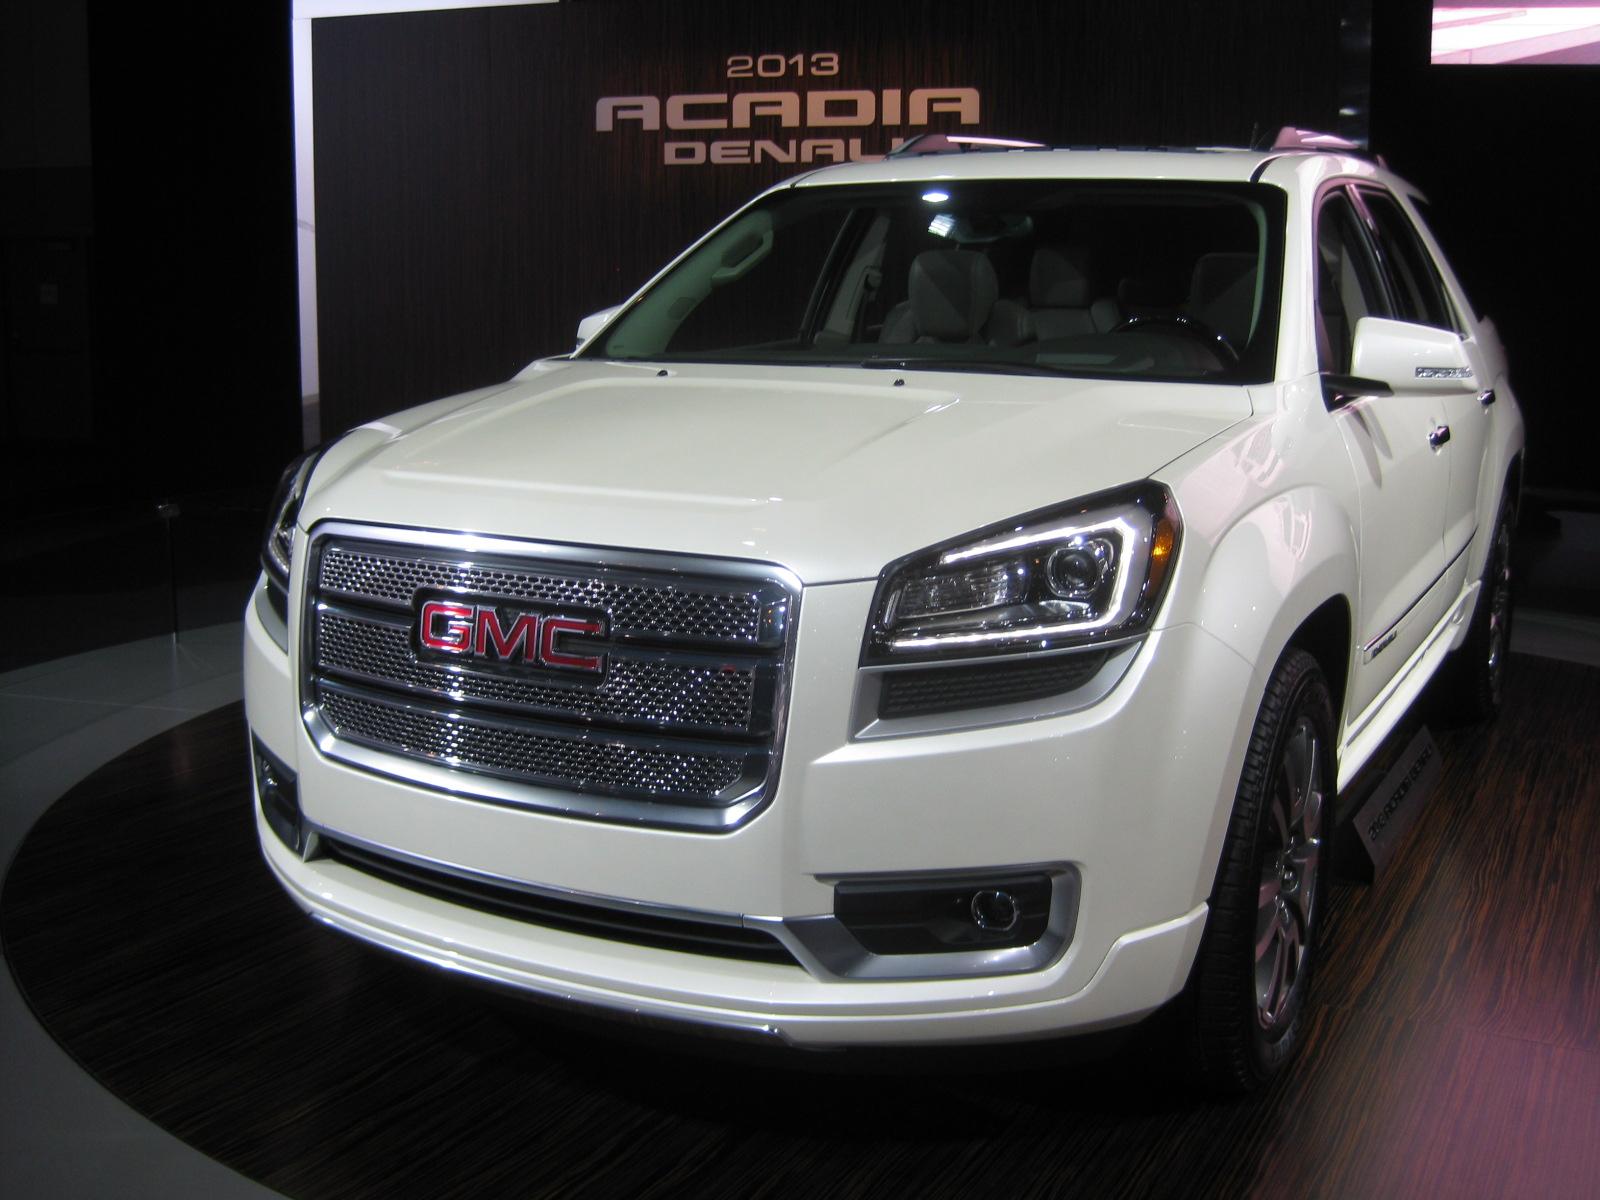 2013 gmc acadia car reviews 2013 car reviews and 2014 new cars html autos weblog. Black Bedroom Furniture Sets. Home Design Ideas